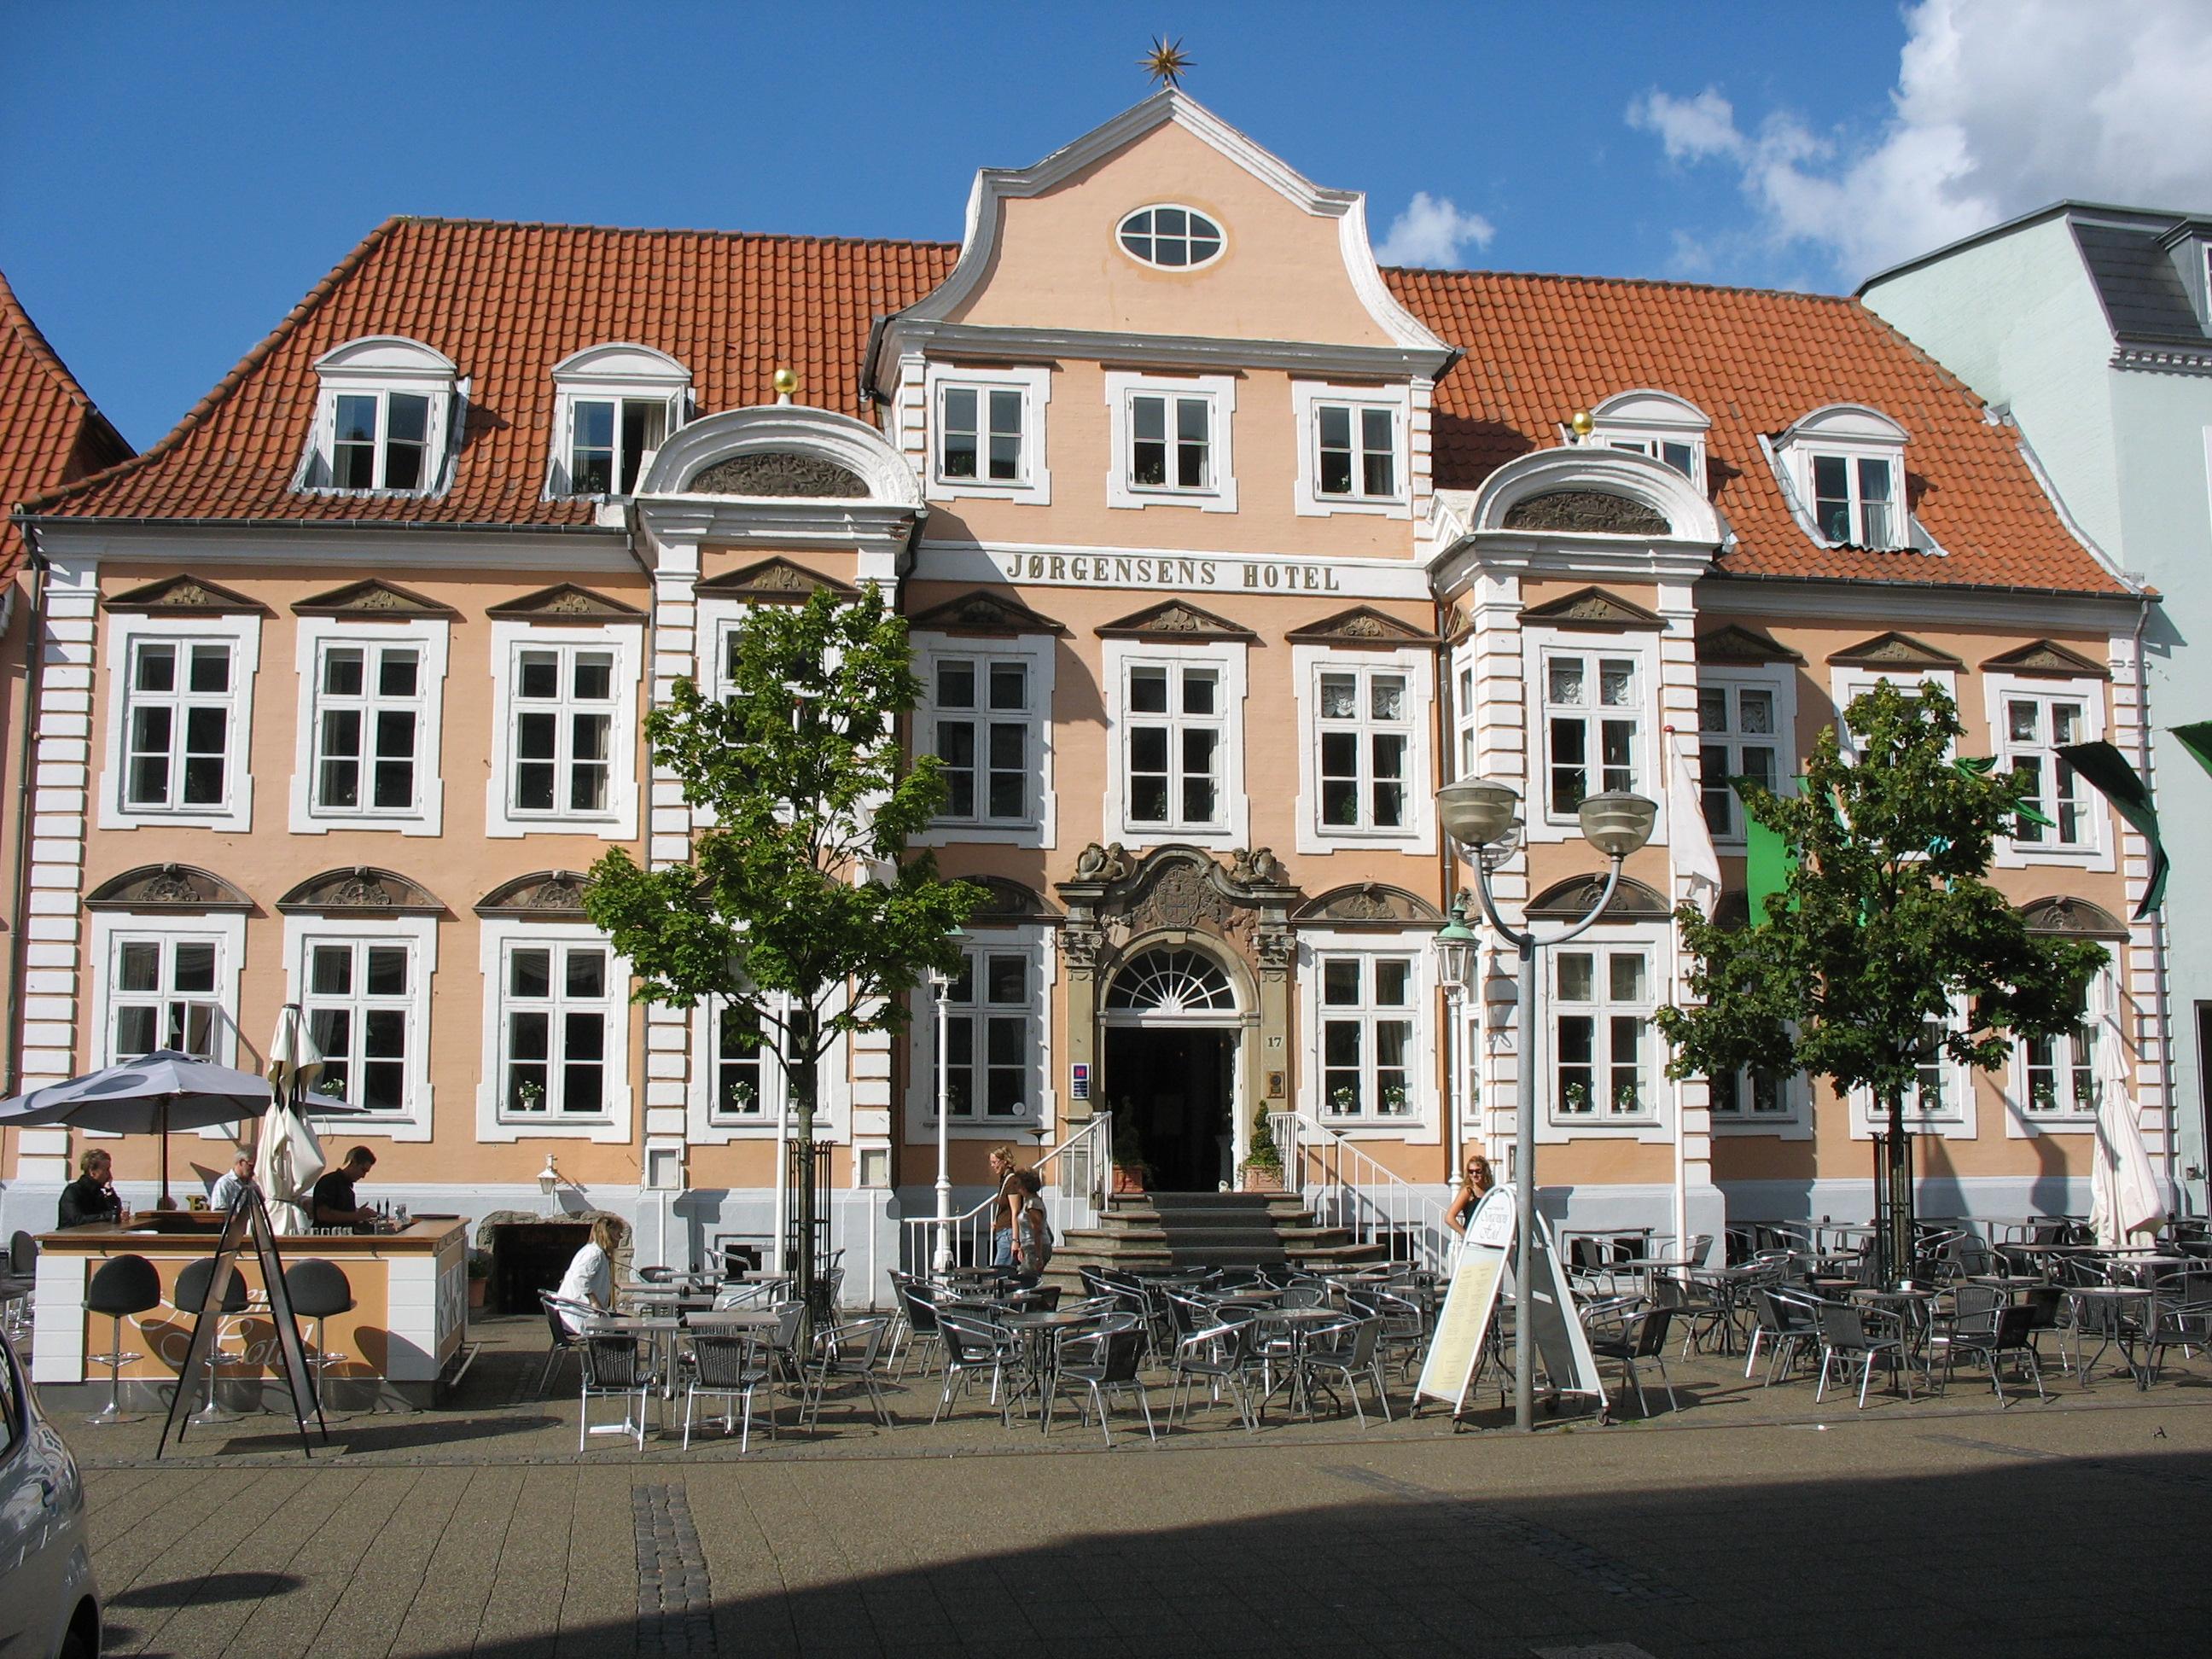 Jørgensens Hotel i Horsens – inden det kommende navneskift. Foto Hubertus 45 via Wikipedia.